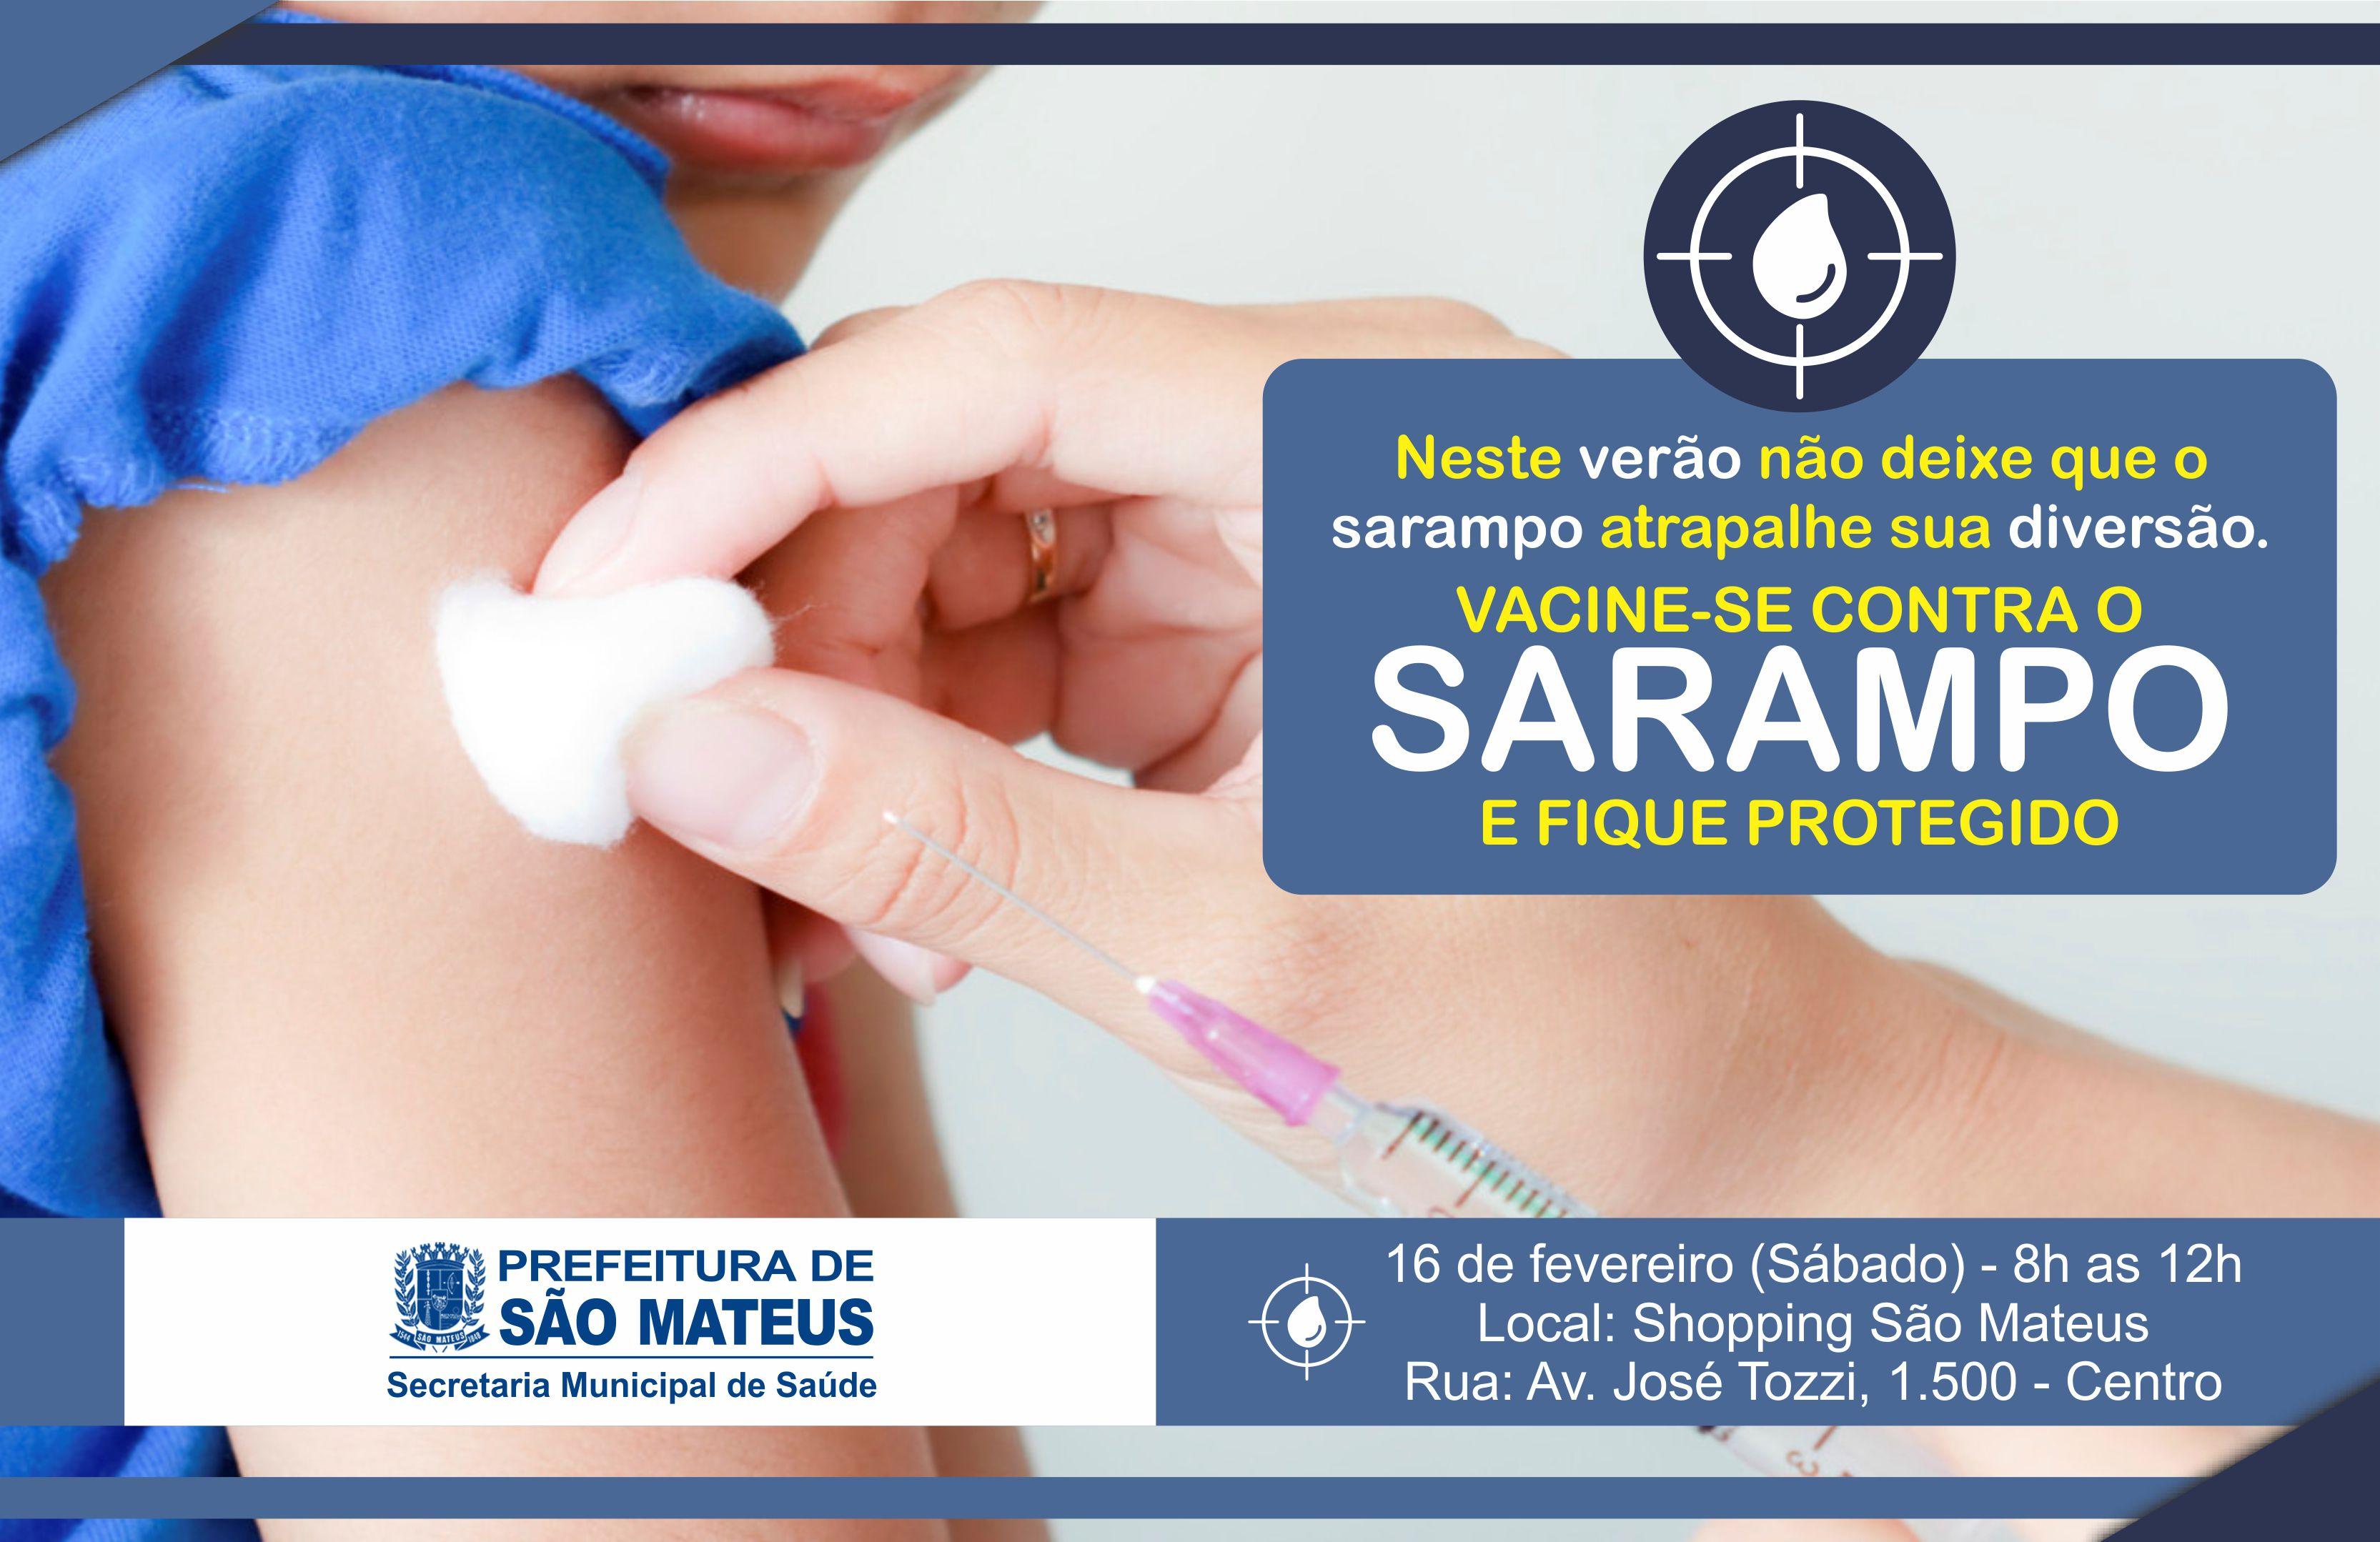 Prefeitura realiza vacinação contra sarampo no centro de São Mateus